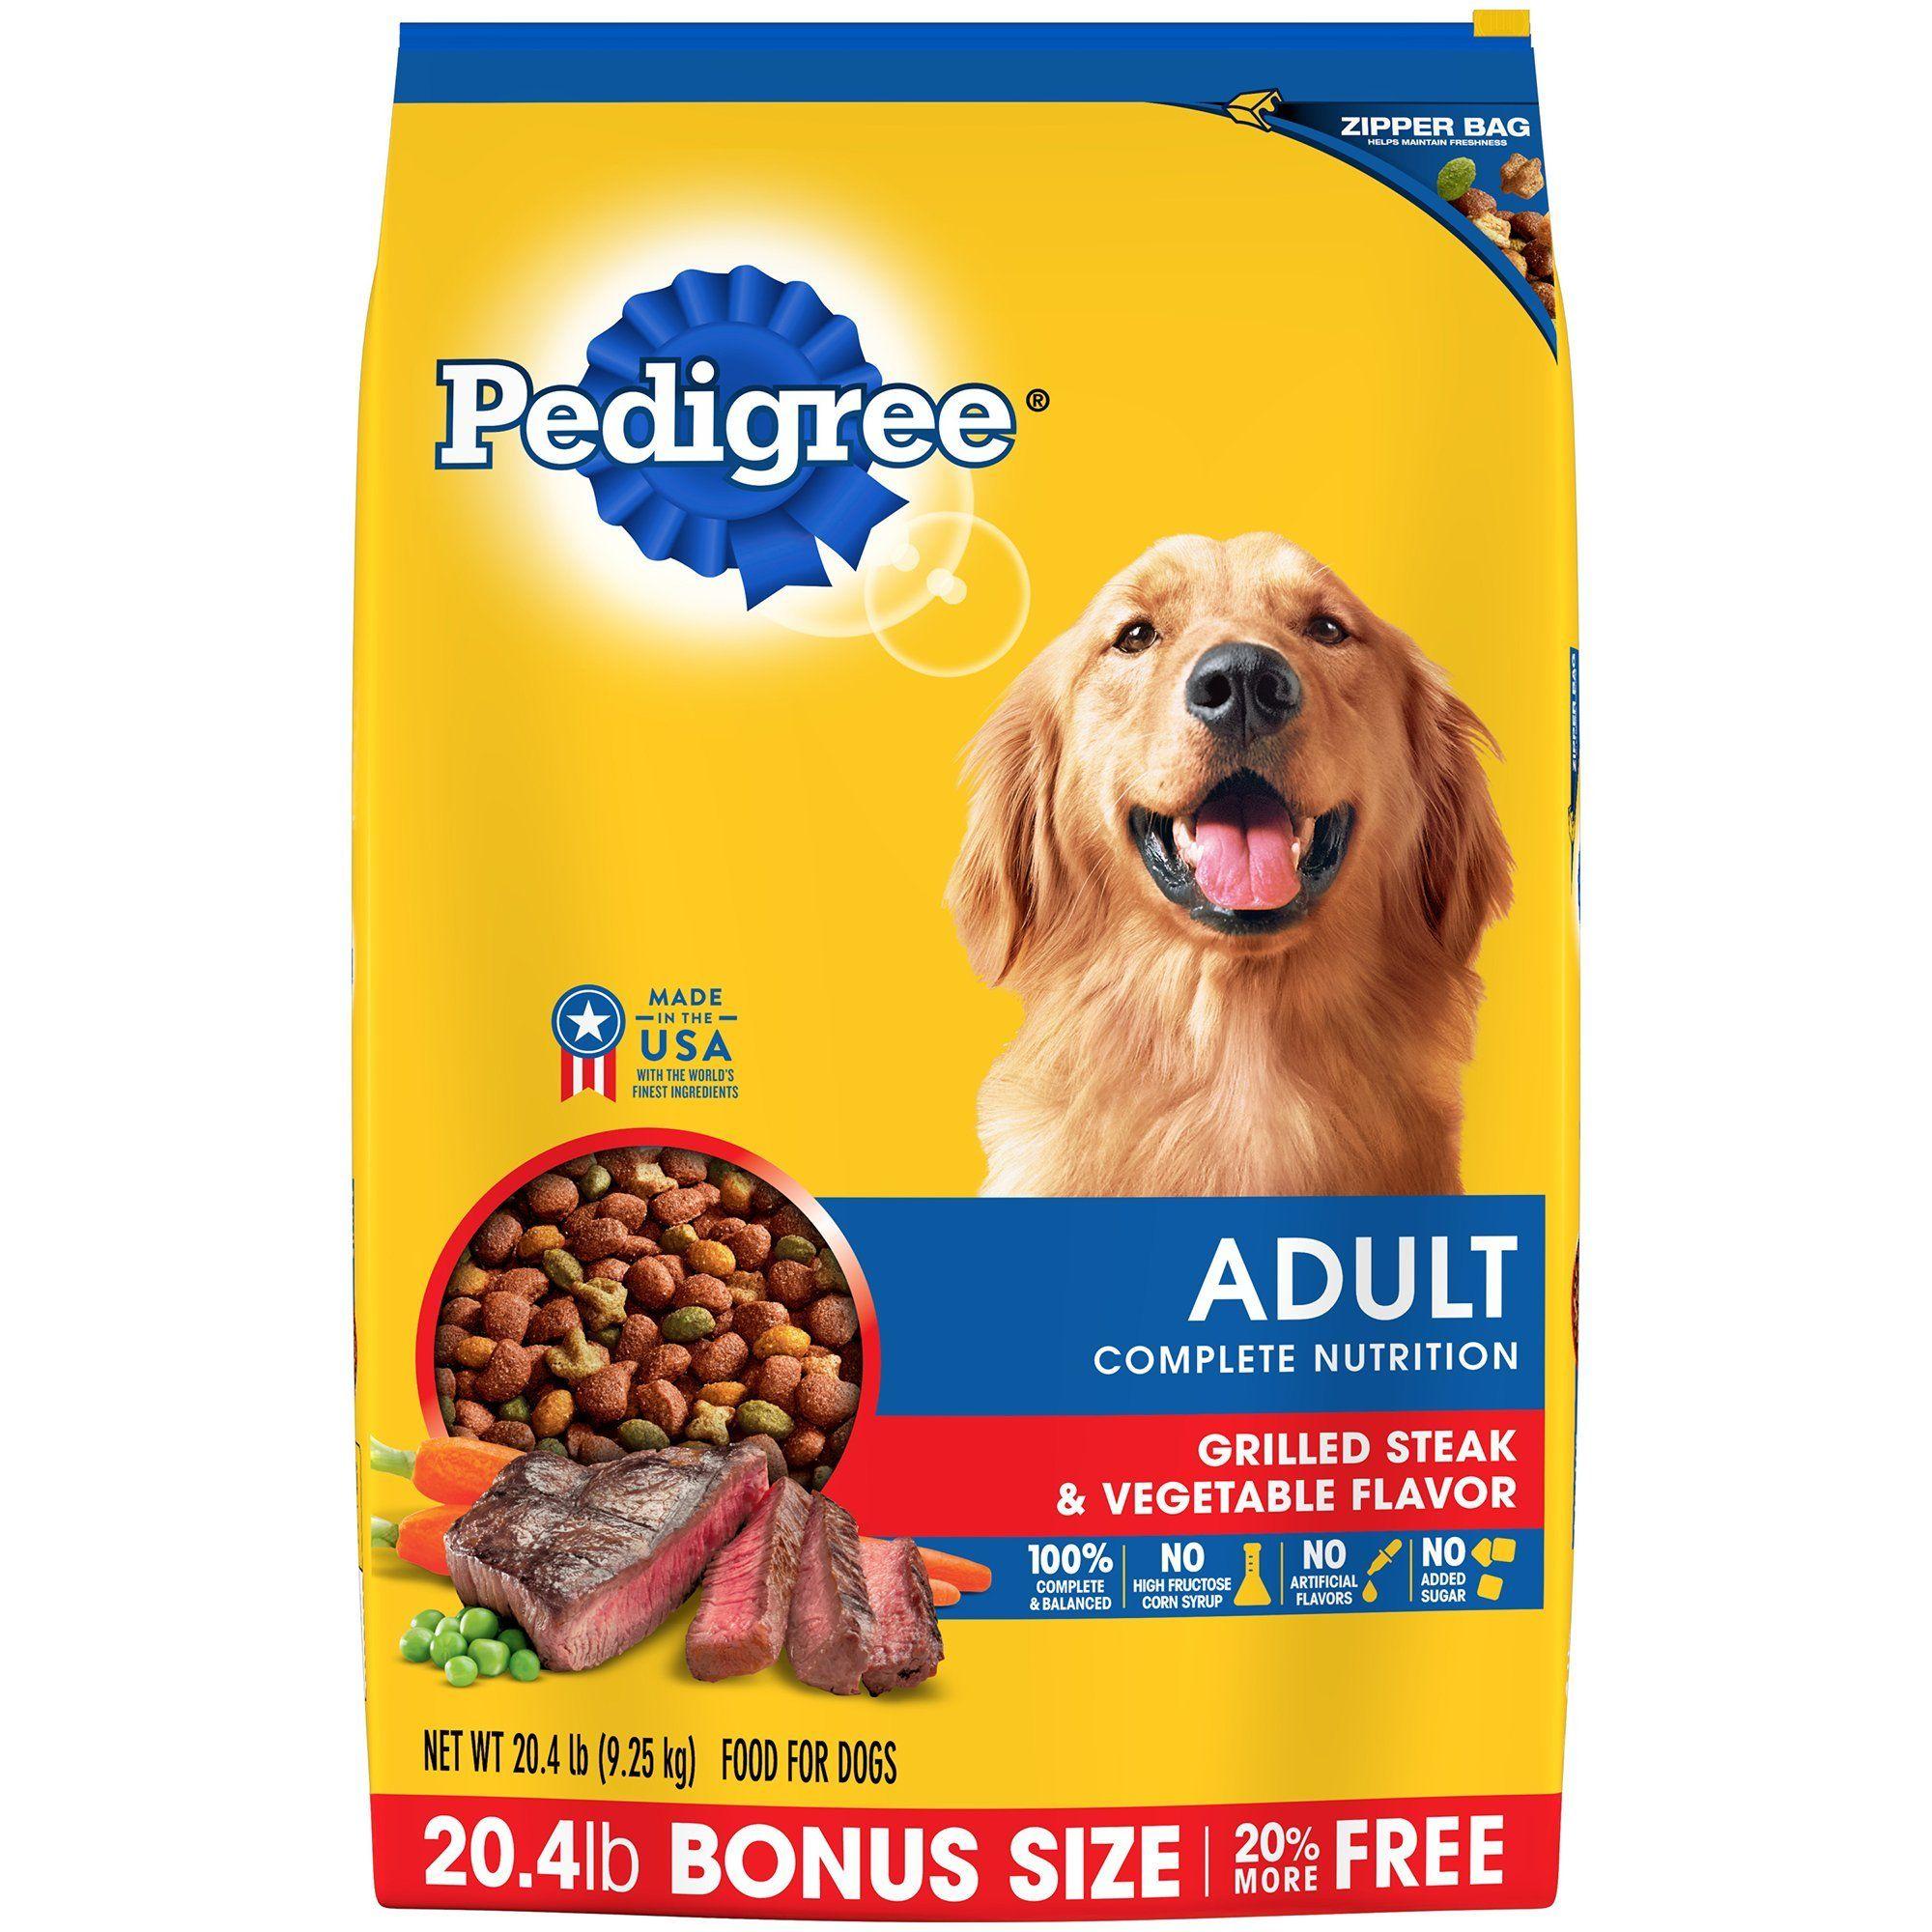 Pedigree Adult Dry Dog Food Grilled Steak Vegetable Flavor